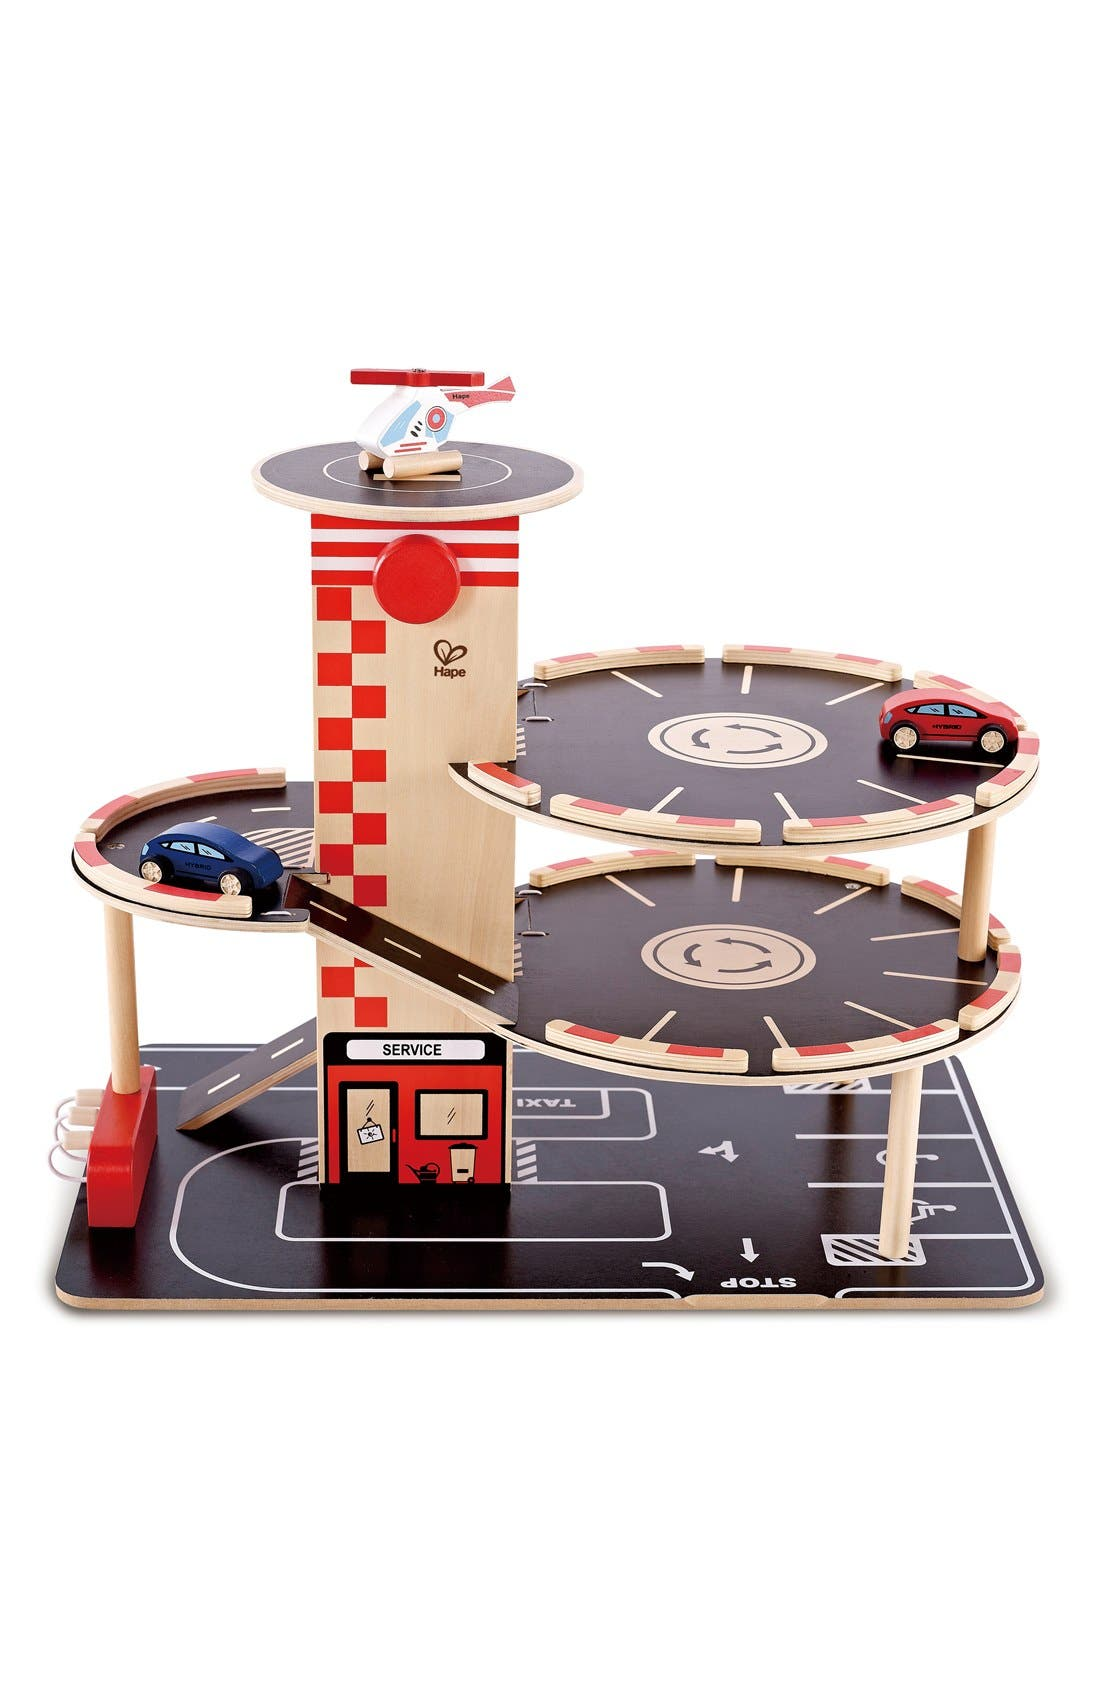 Alternate Image 1 Selected - Hape 'Park & Go' Parking Garage